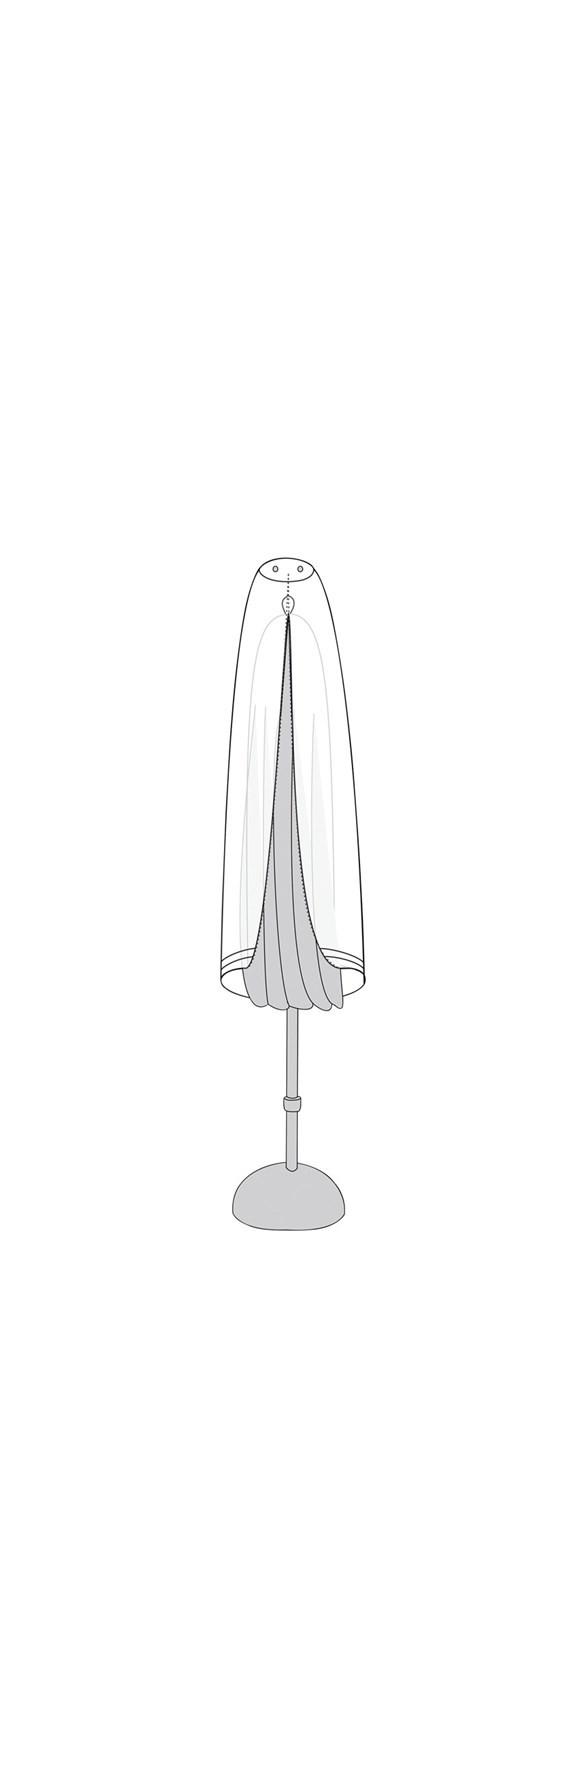 Living Outdoor - Overtræk Til Parasol 145 cm - Grå